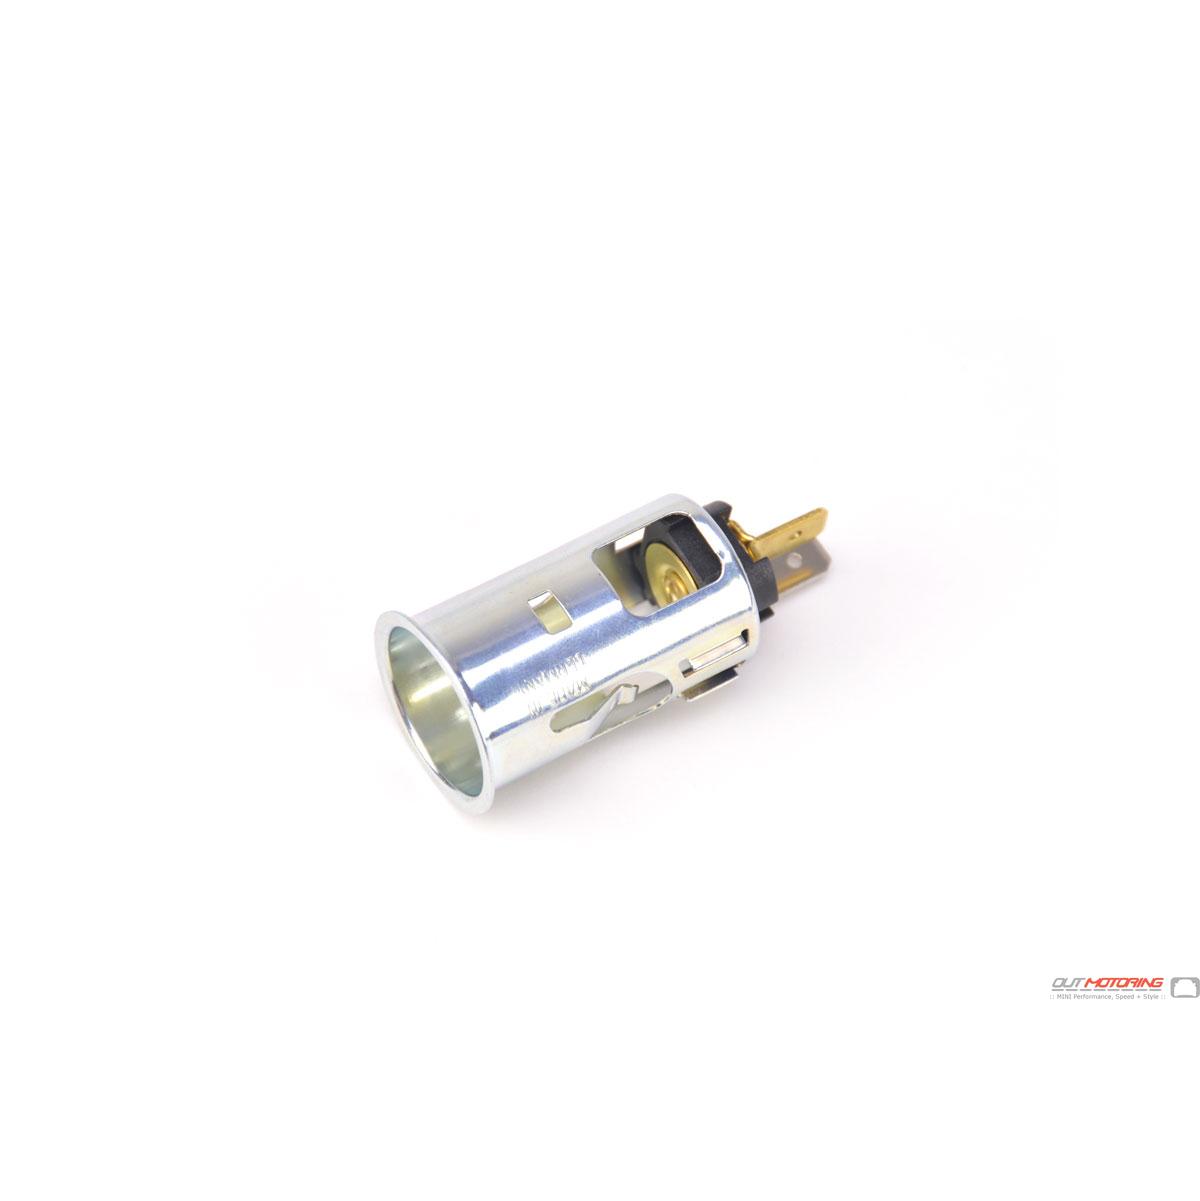 61346973037 Mini Cooper Replacement Cigarette Lighter Plug